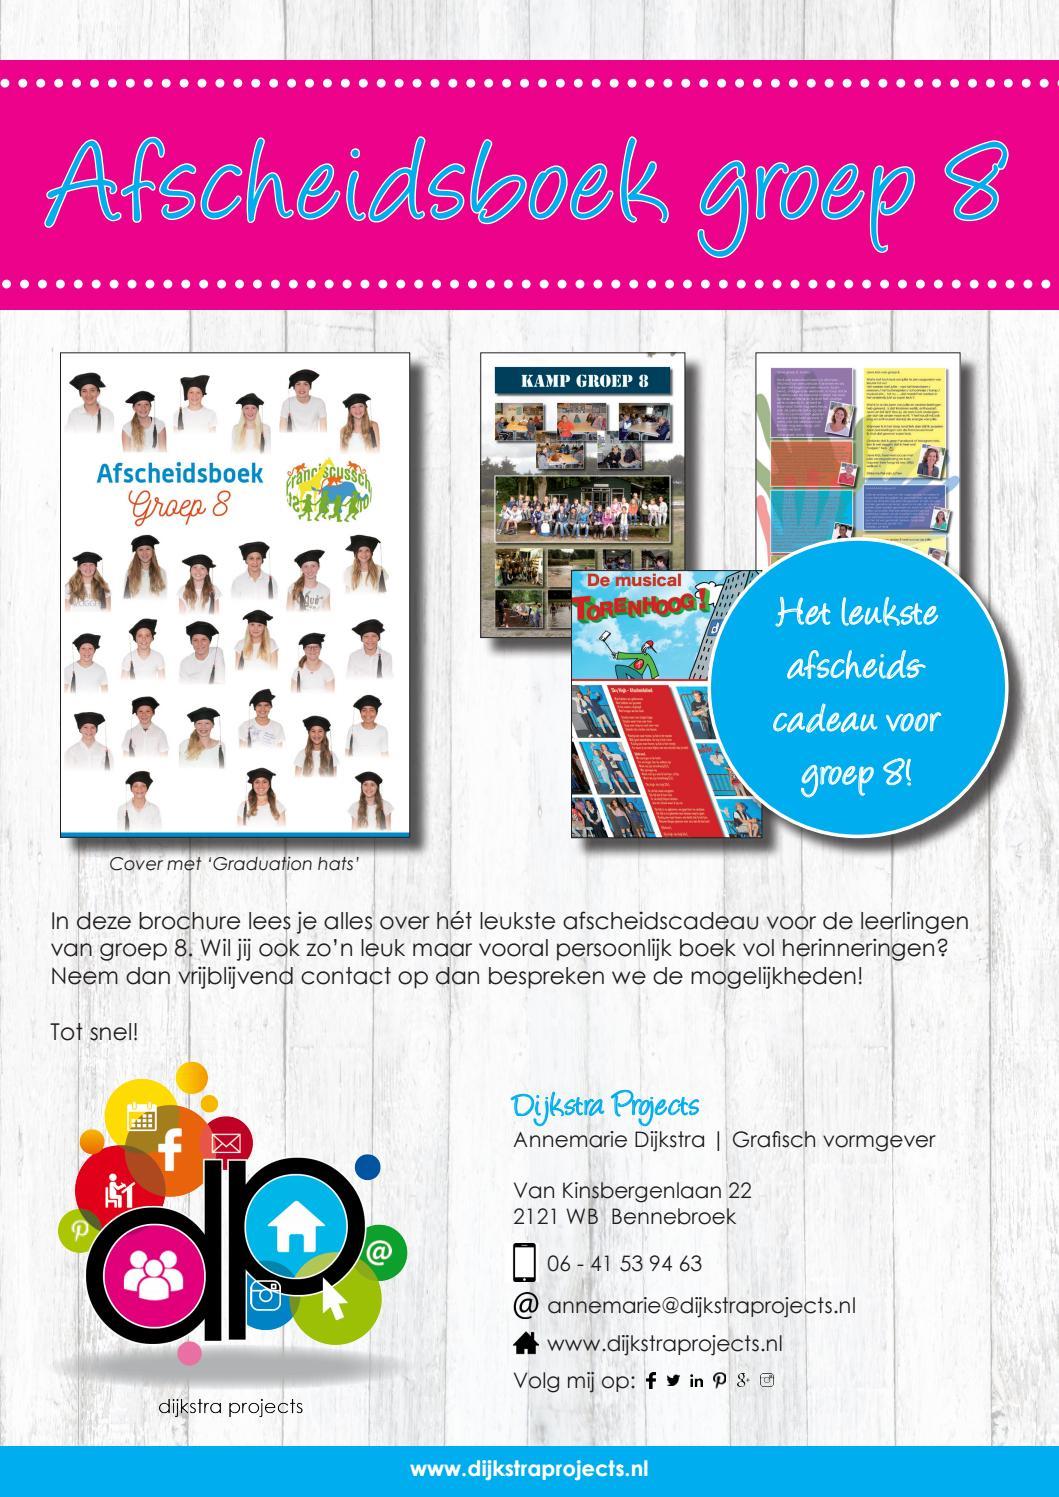 Uitgelezene Dijkstra projects brochure afscheidsboek groep 8 by Dijkstra UG-78